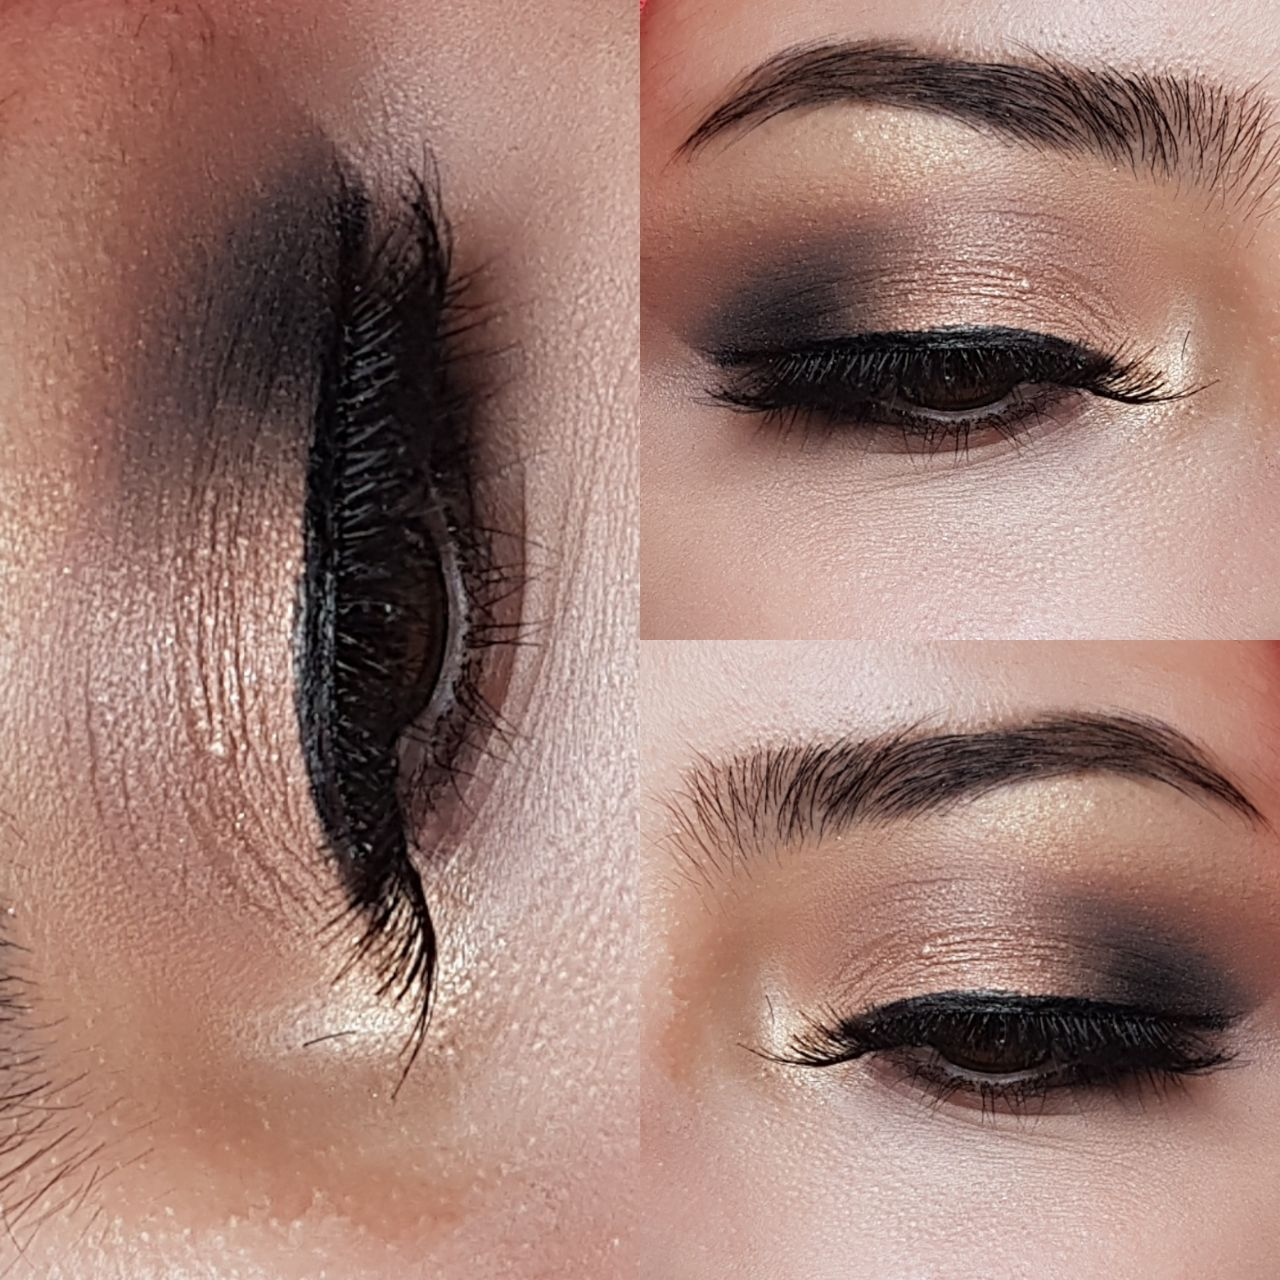 Augenmakeup Braune Augen Amazing Augen Makeup Für Braune Augen